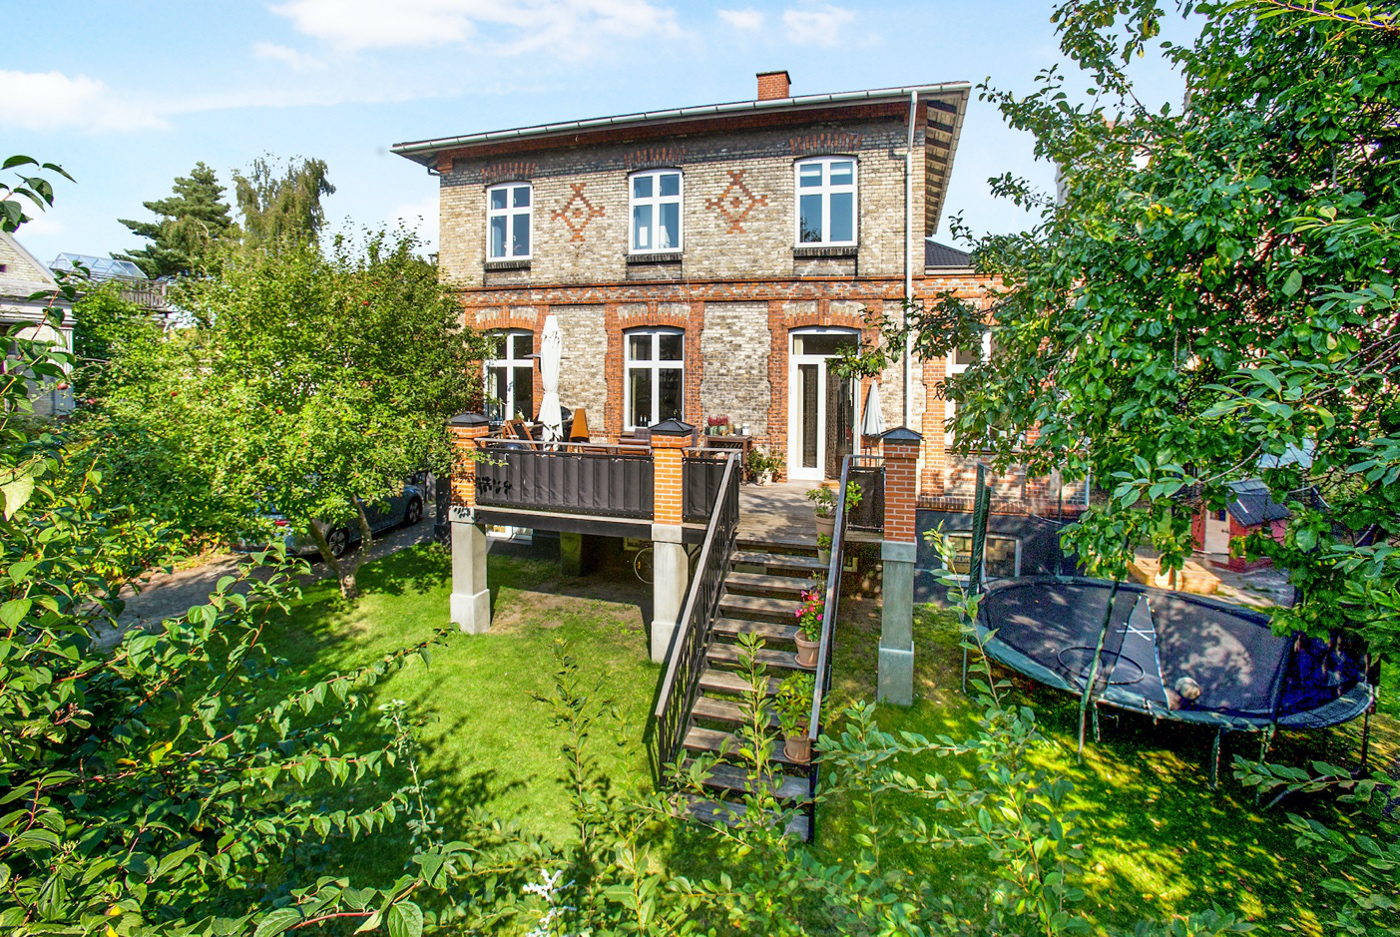 Omar Marzouks villa på Frederiksberg blev solgt for 13,8 millioner kroner. Foto: MMLiving.